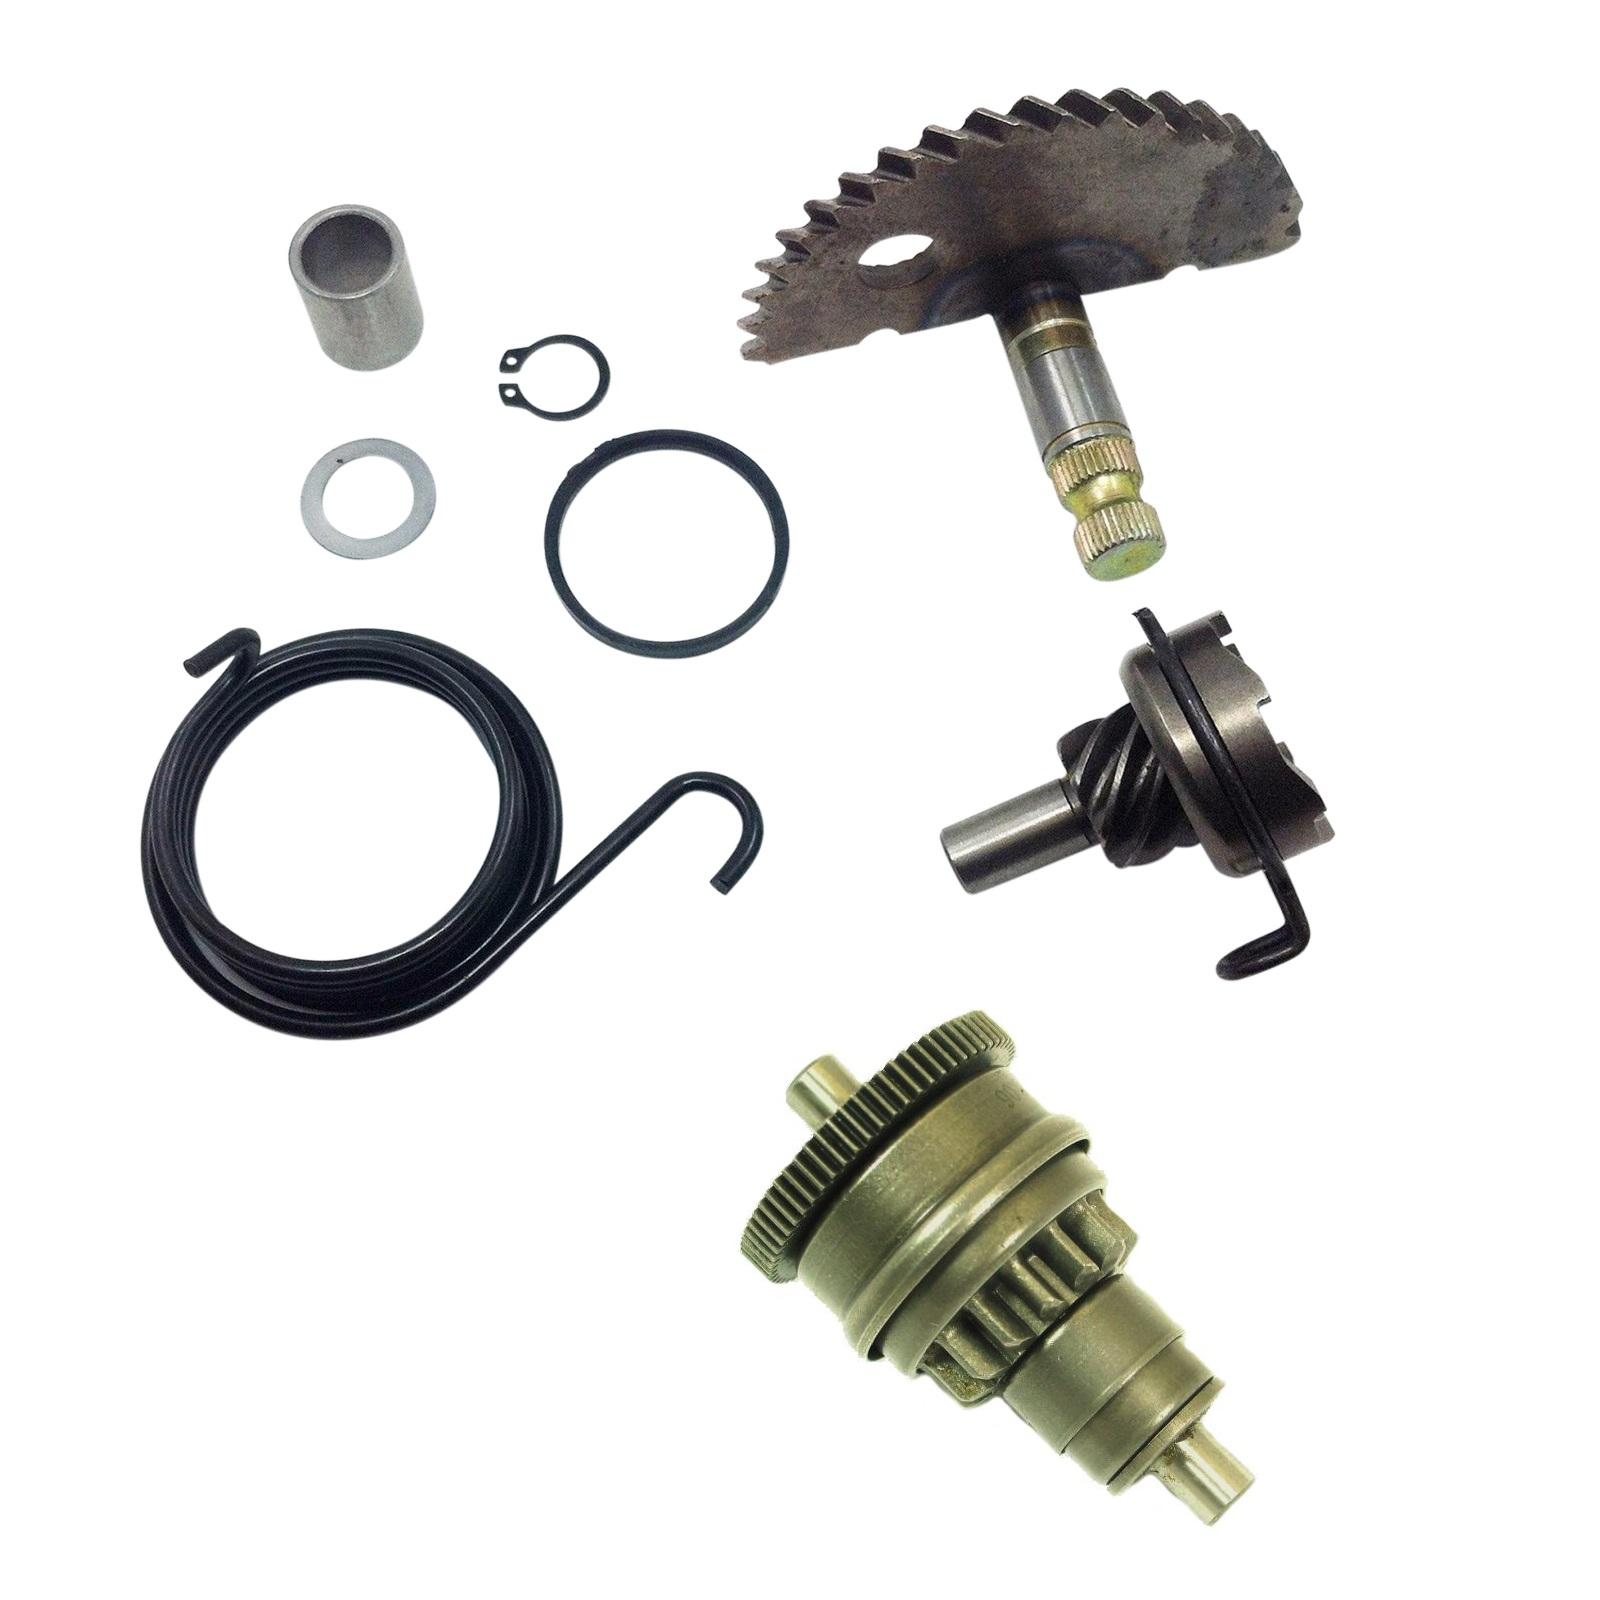 Details about GY6 49cc 50cc Kick Start Gear Kit Starter Motor Clutch Gear  Bendix Scooter Moped